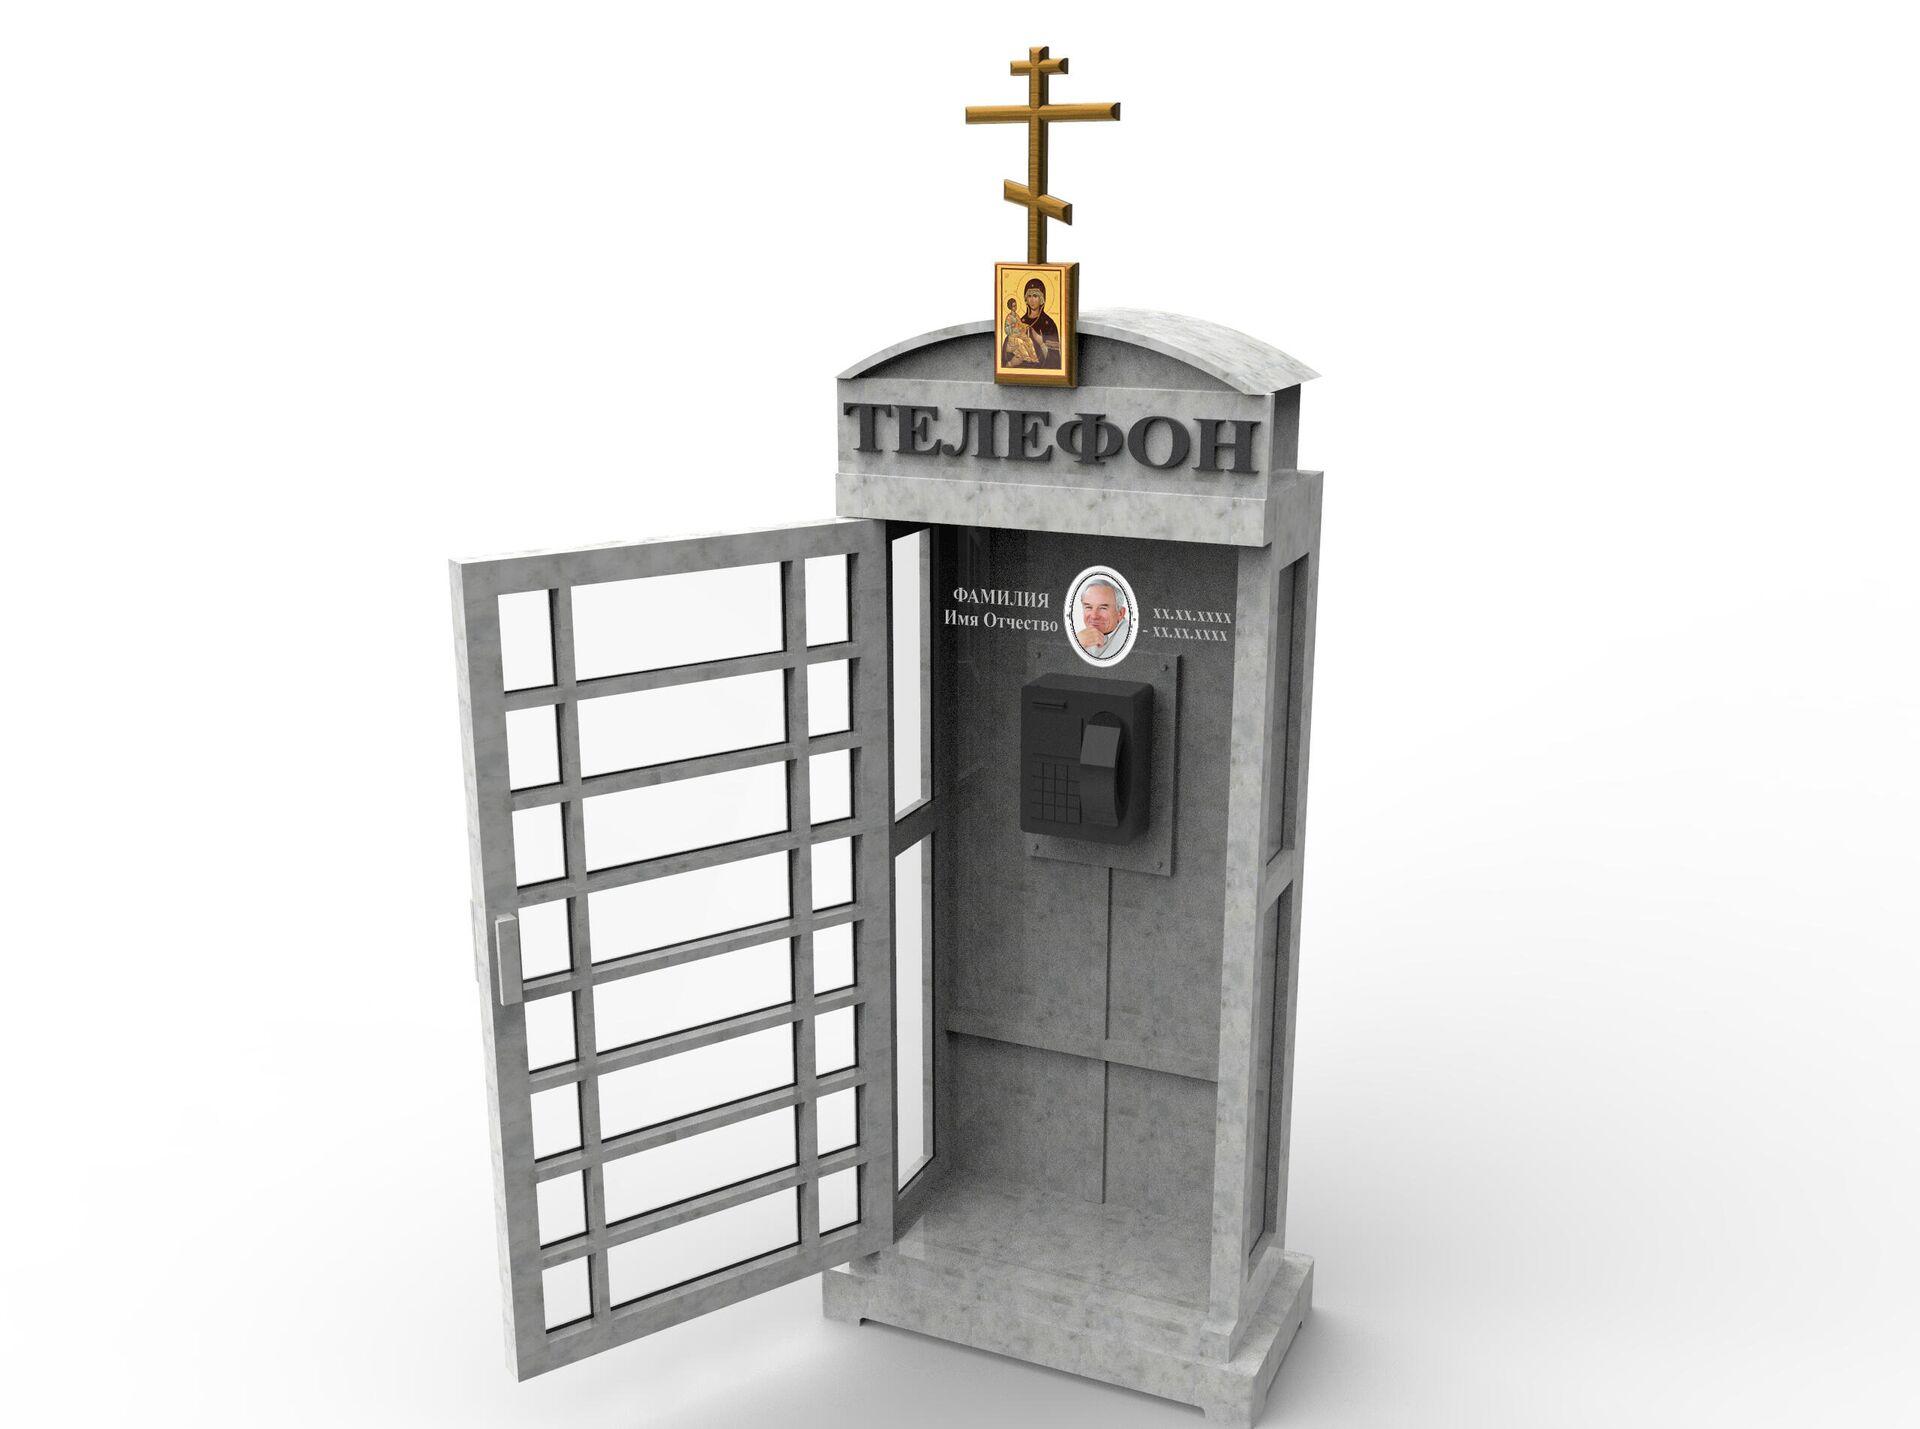 Проект могилы в виде телефонной будки - РИА Новости, 1920, 23.11.2020